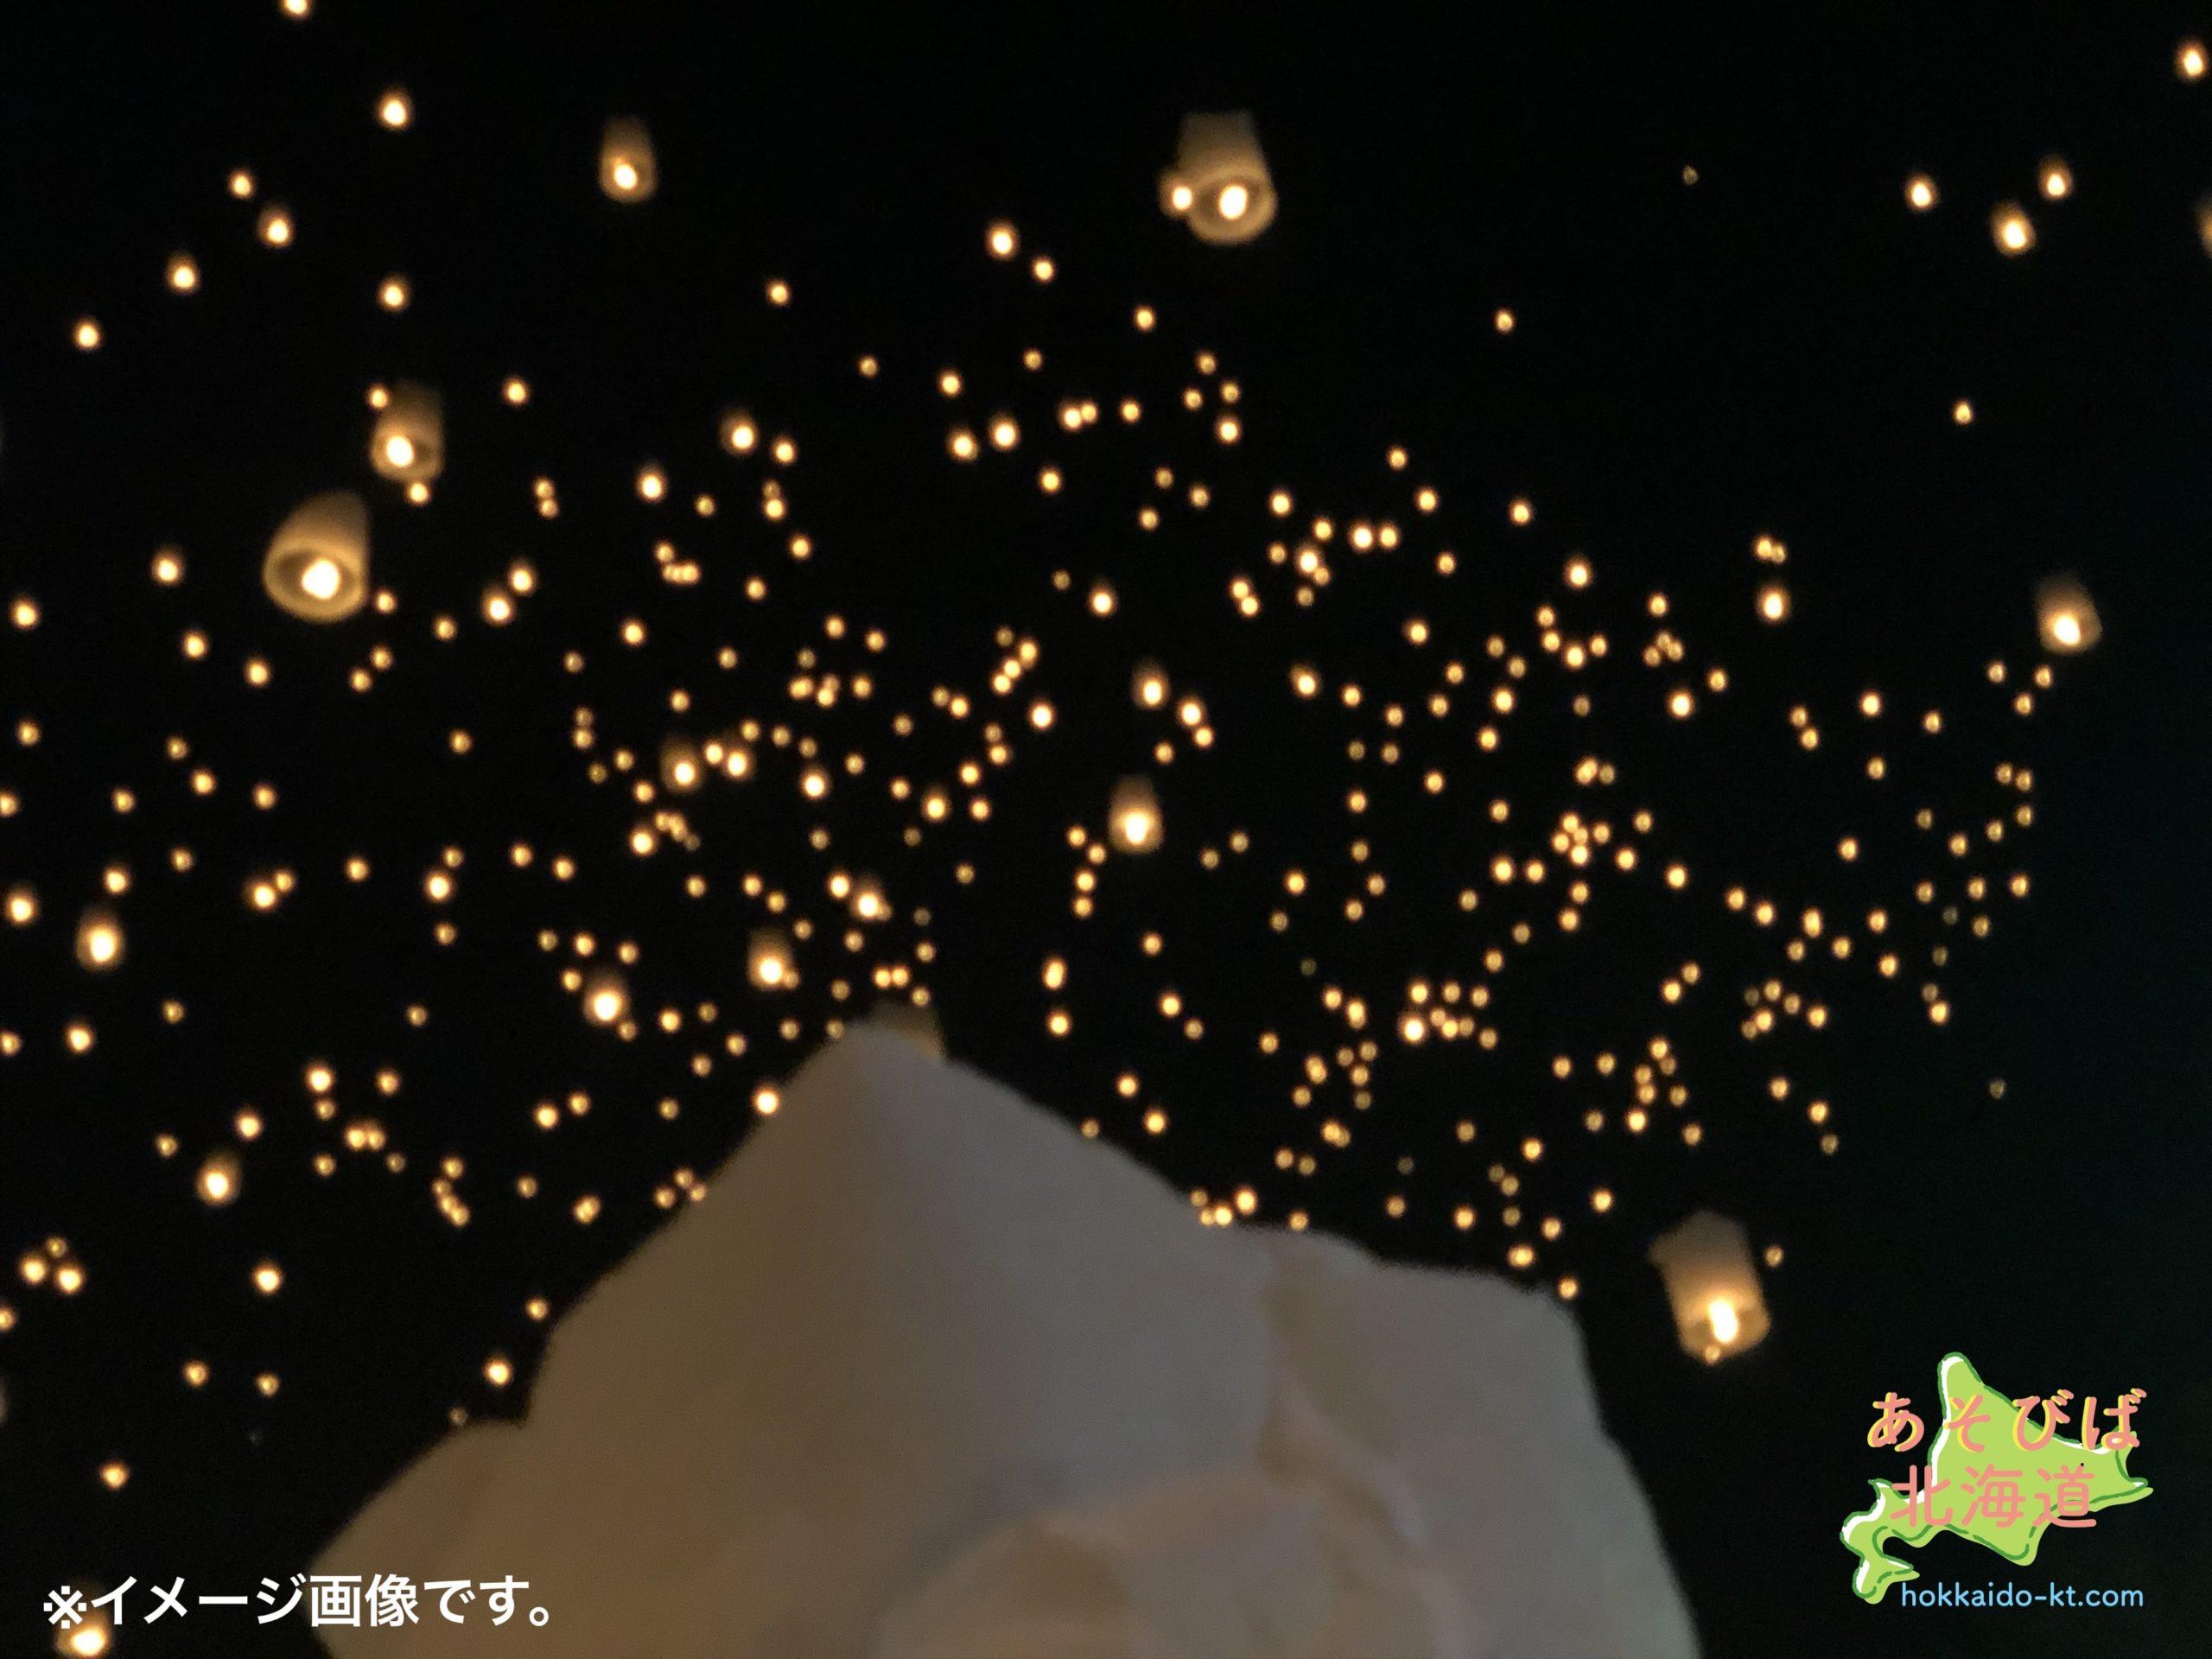 五稜郭星空ランタンイメージ画像